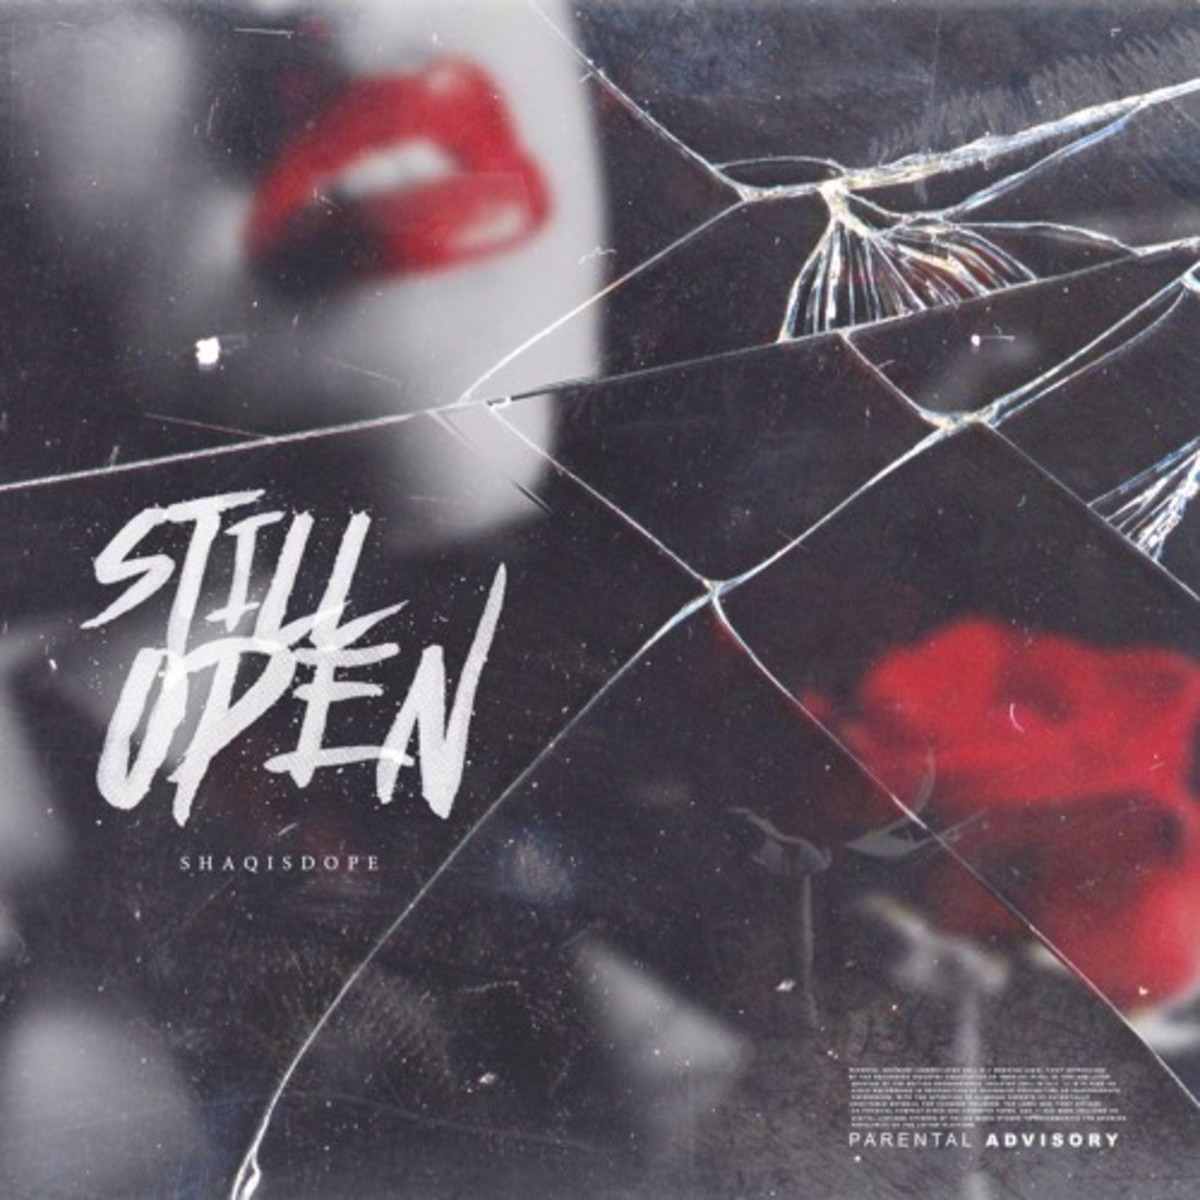 shaqisdope-still-open.jpg